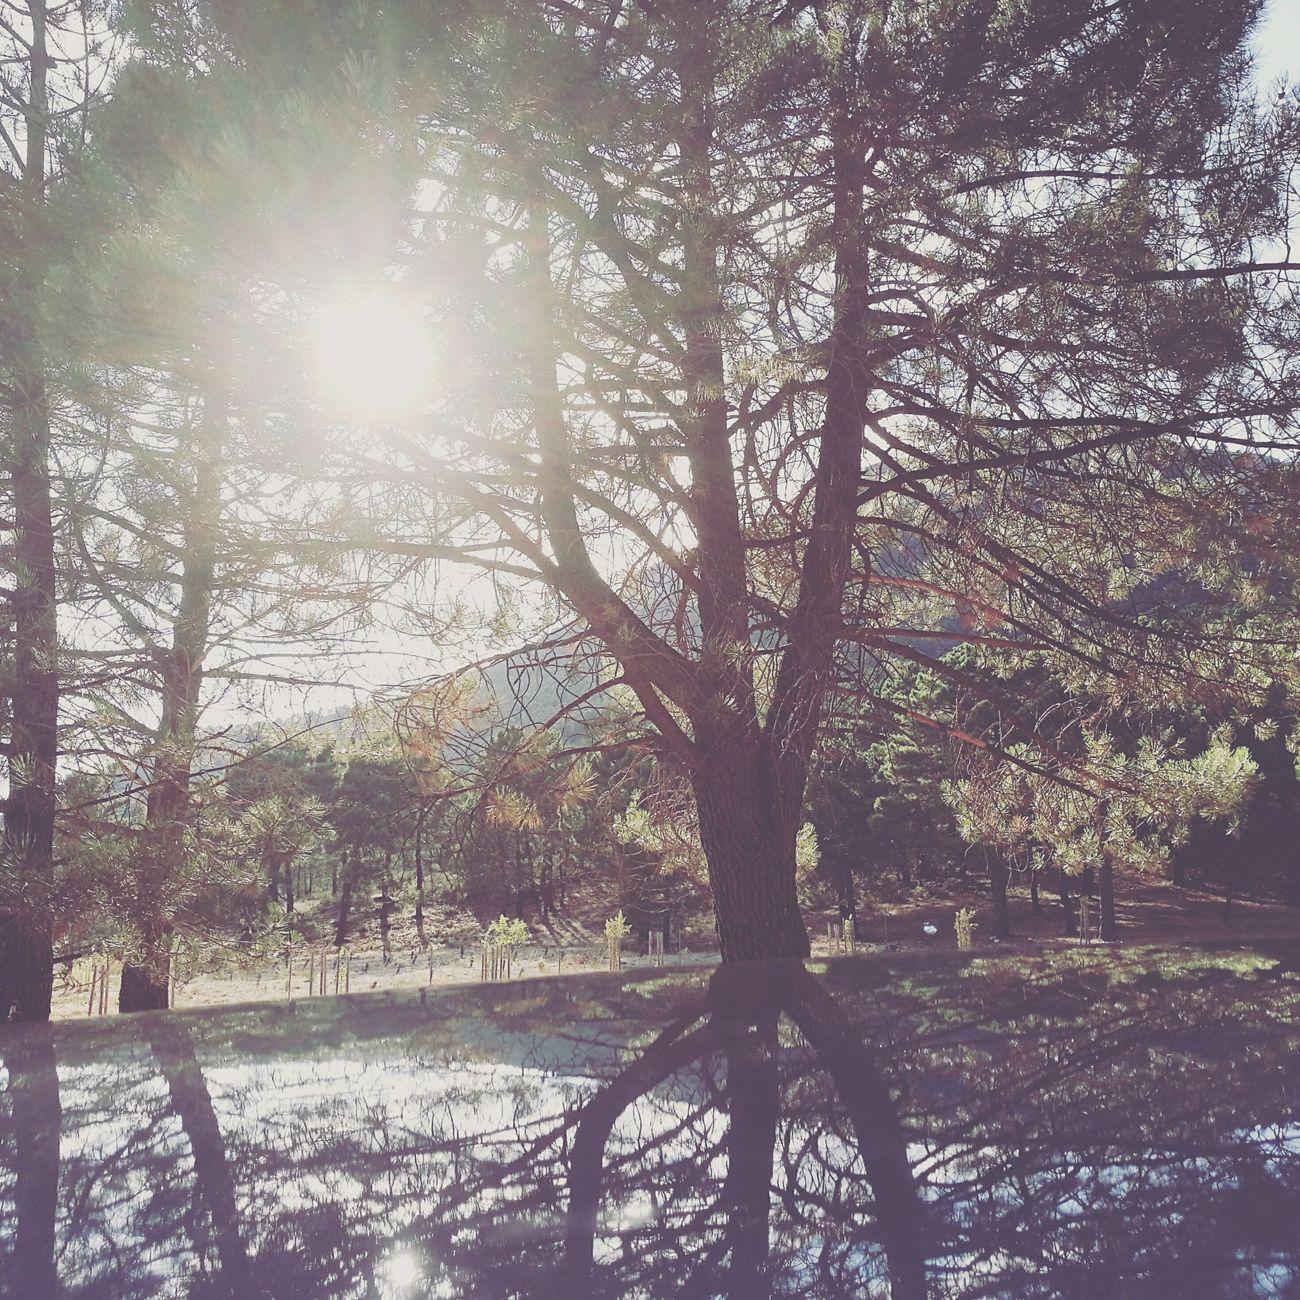 Y cerró fuerte los ojos deseando que, al volver a montarse en el coche, sonara el teléfono. ««Microhistorias»» Luz No People Andalucía Tesis99 Nature Reflections Reflejos Tranquil Scene Sky Cielo Tree árbol HuaweiP9 Lugares Places Hojas Sol Sun Viajes  Microhistorias Microhistoriastesis99 Travel Stop Sunlight LuzdelSol DCP